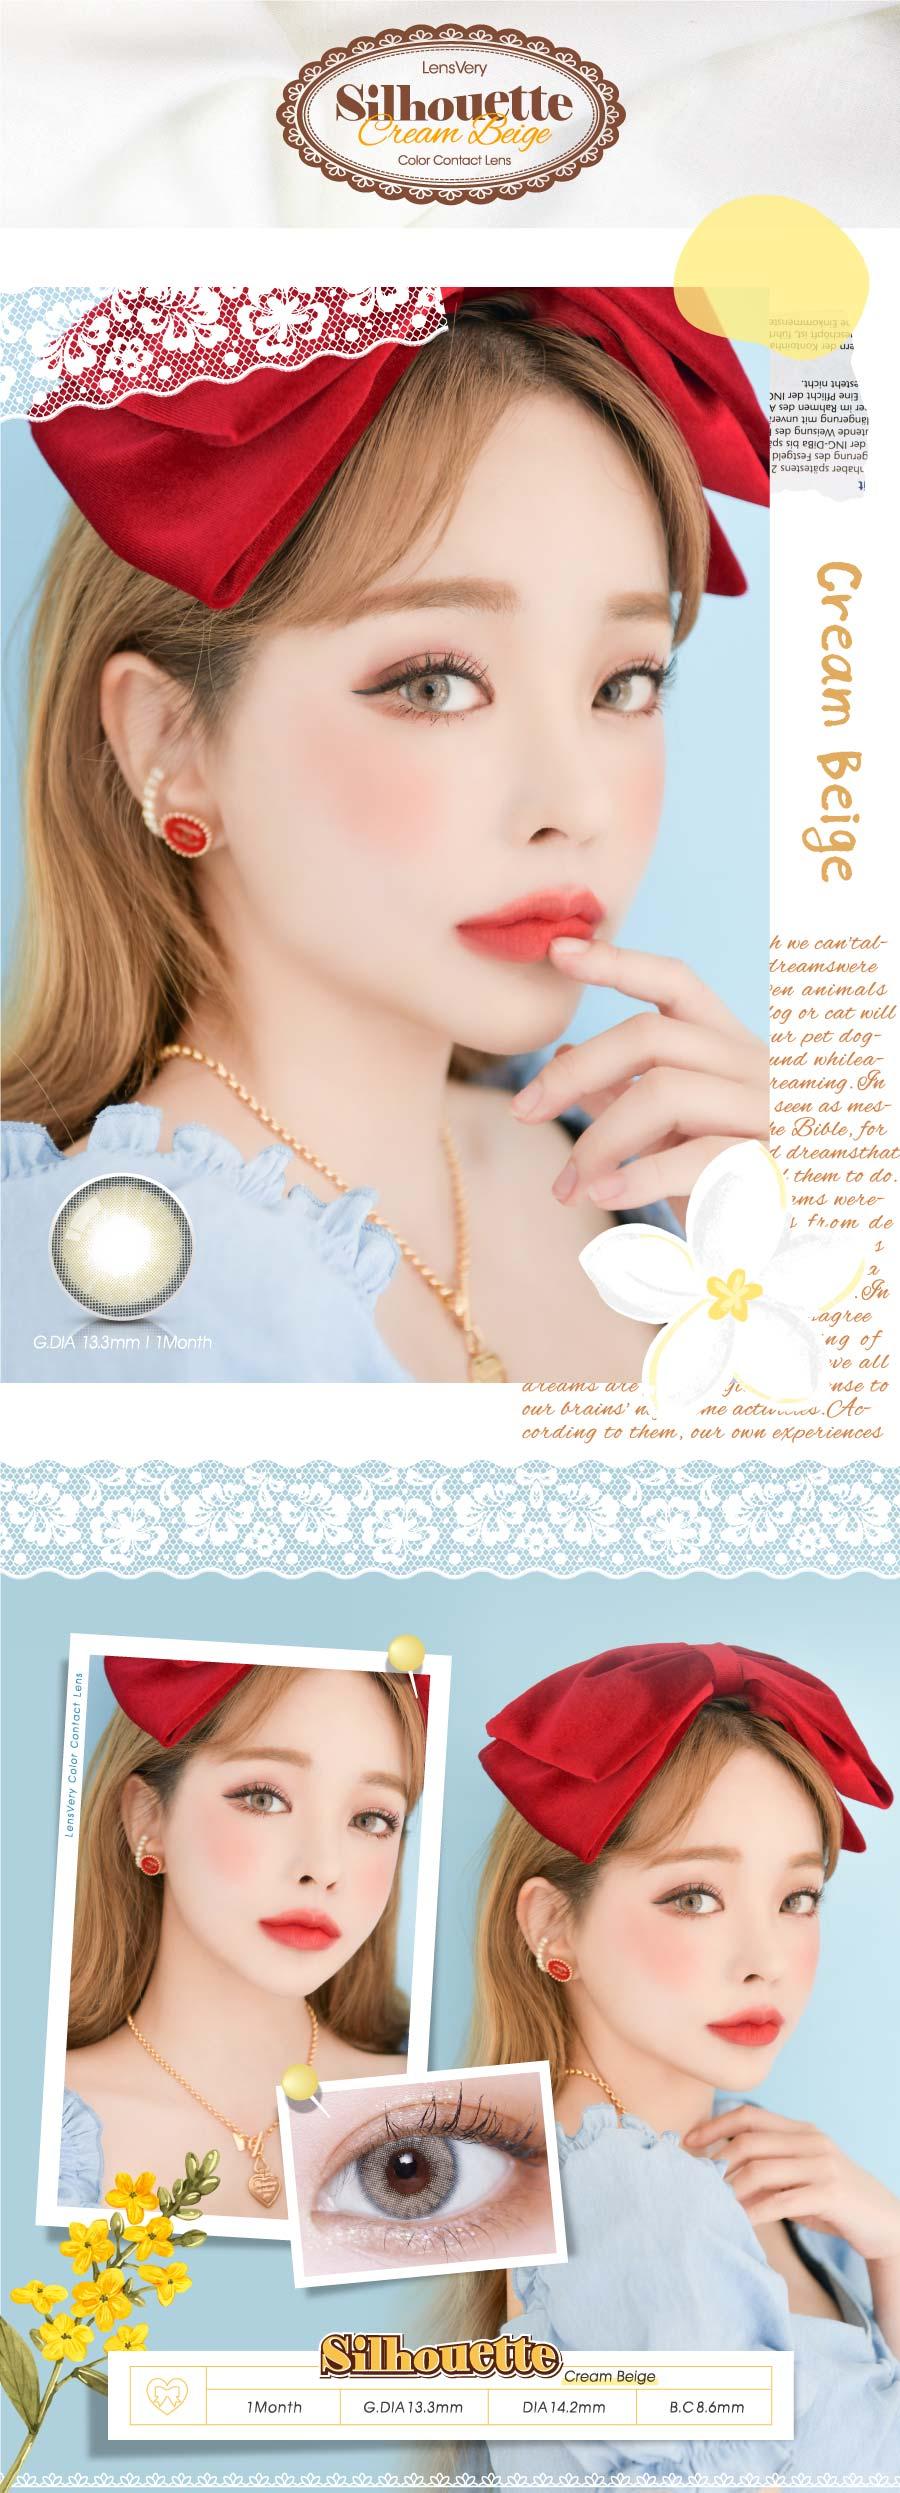 silhouette-cream-beige-koreancirclelenses4.jpg